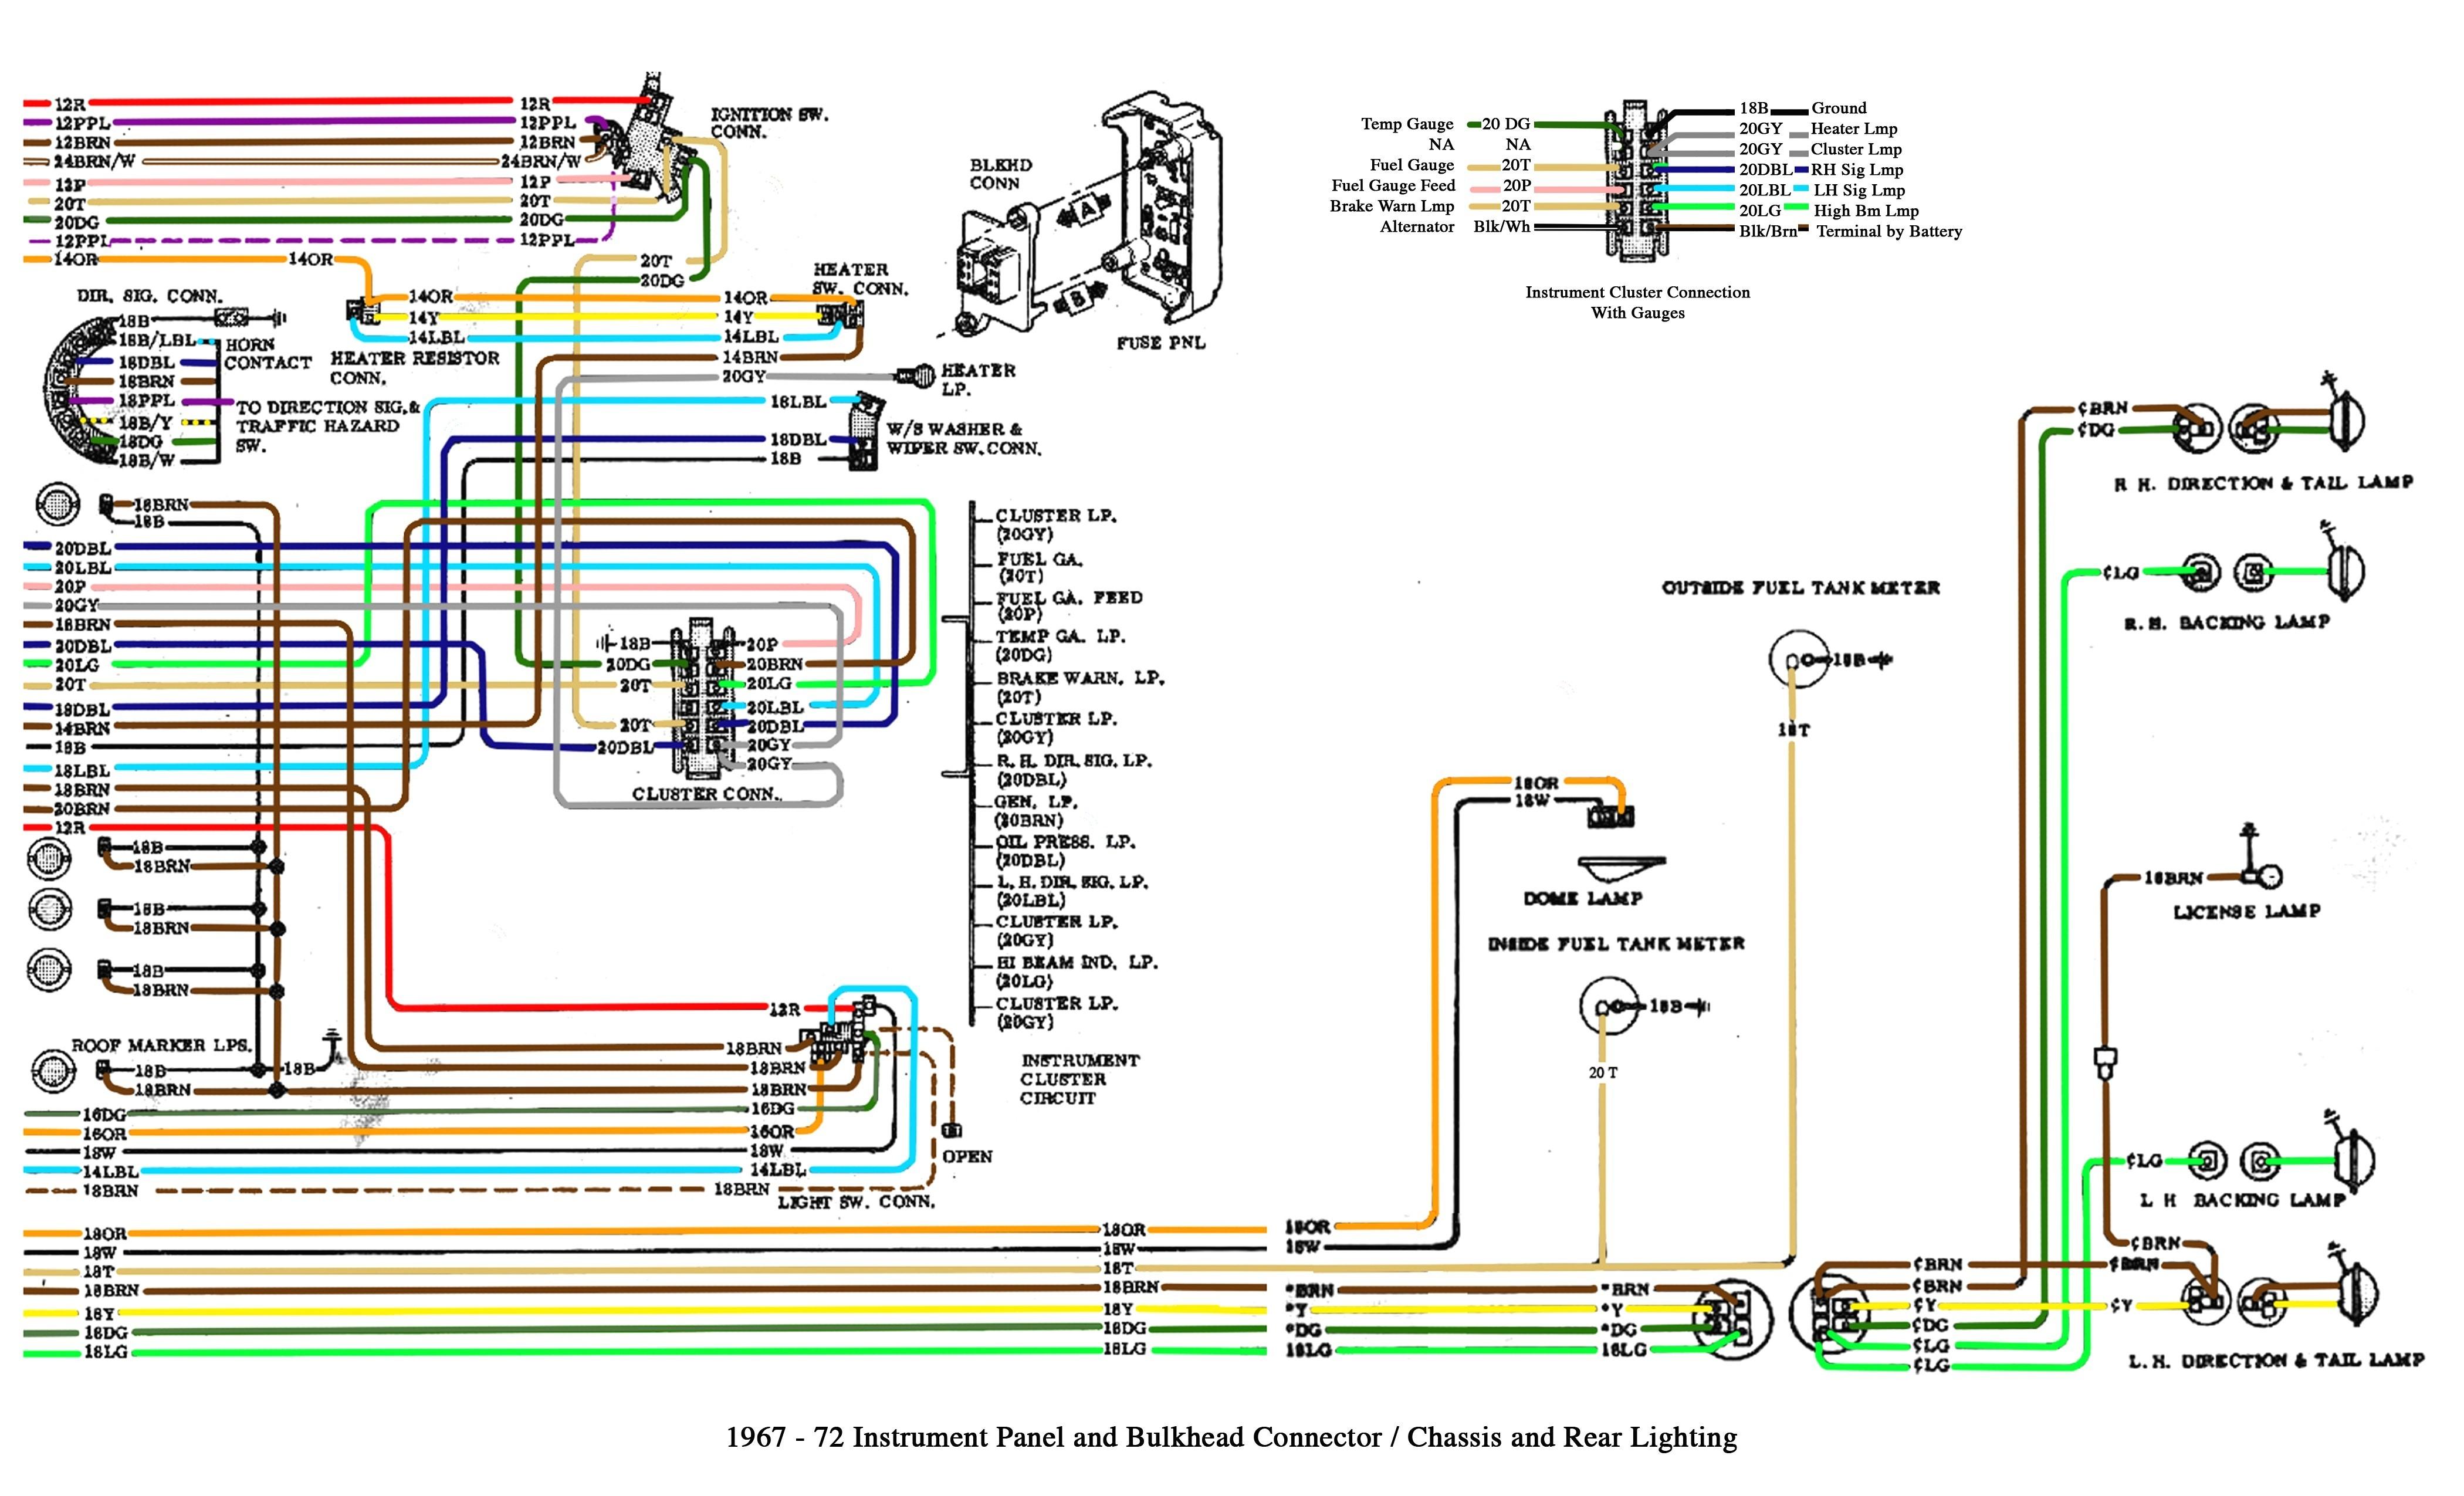 2000chevysilveradoenginediagram 2001 chevrolet silverado 3500 2000 chevy silverado engine wiring diagram wiring library 2000chevysilveradoenginediagram 2001